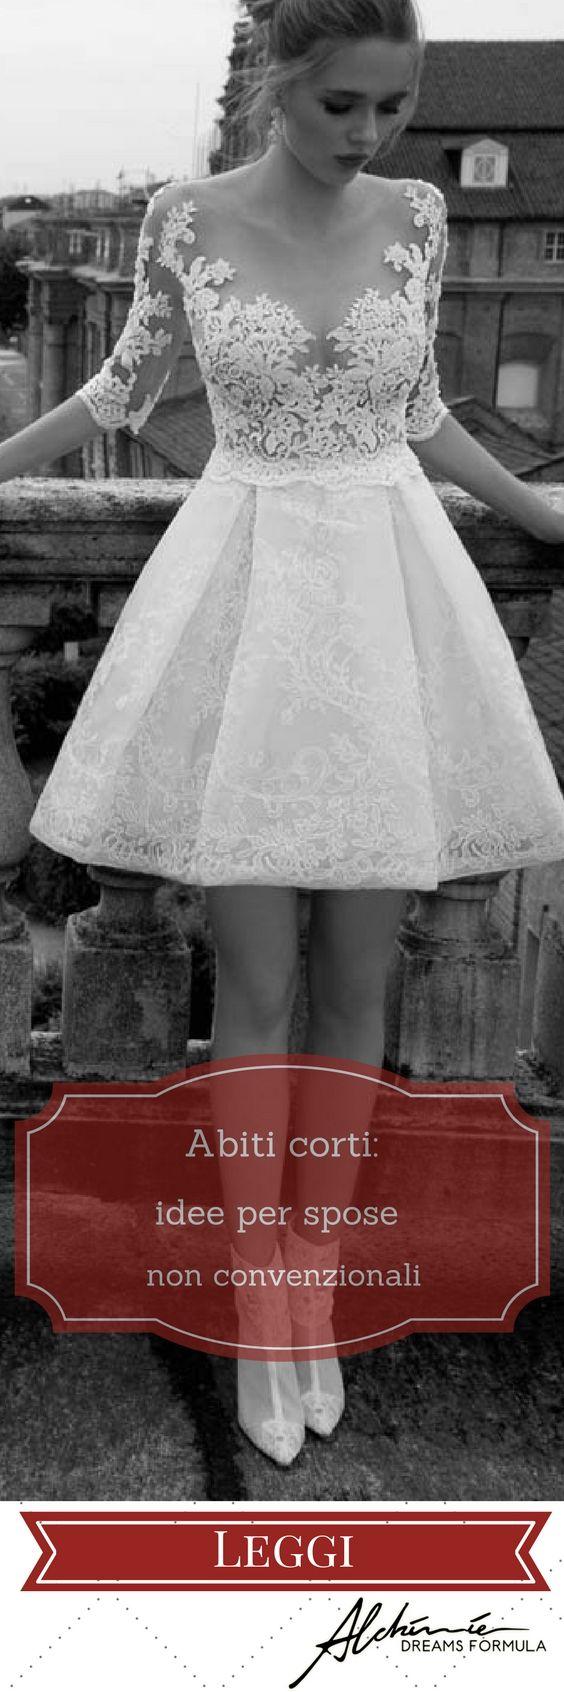 Abiti da sposa corti: idee per spose non convenzionali - Short Wedding Dresses : ideas for unconventional brides